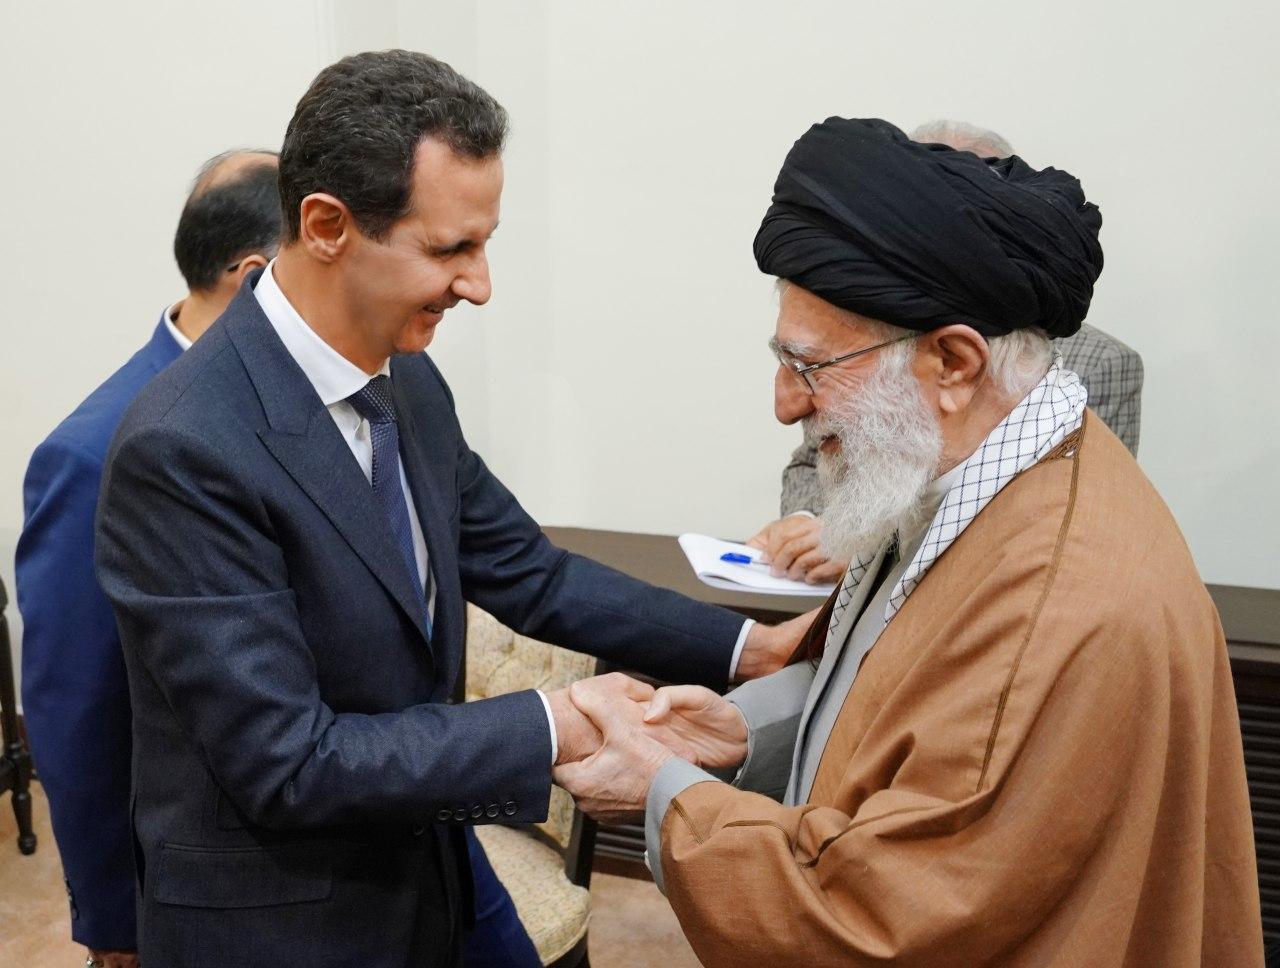 إيران تحاول تحويل سوريا إلى المذهب الشيعي